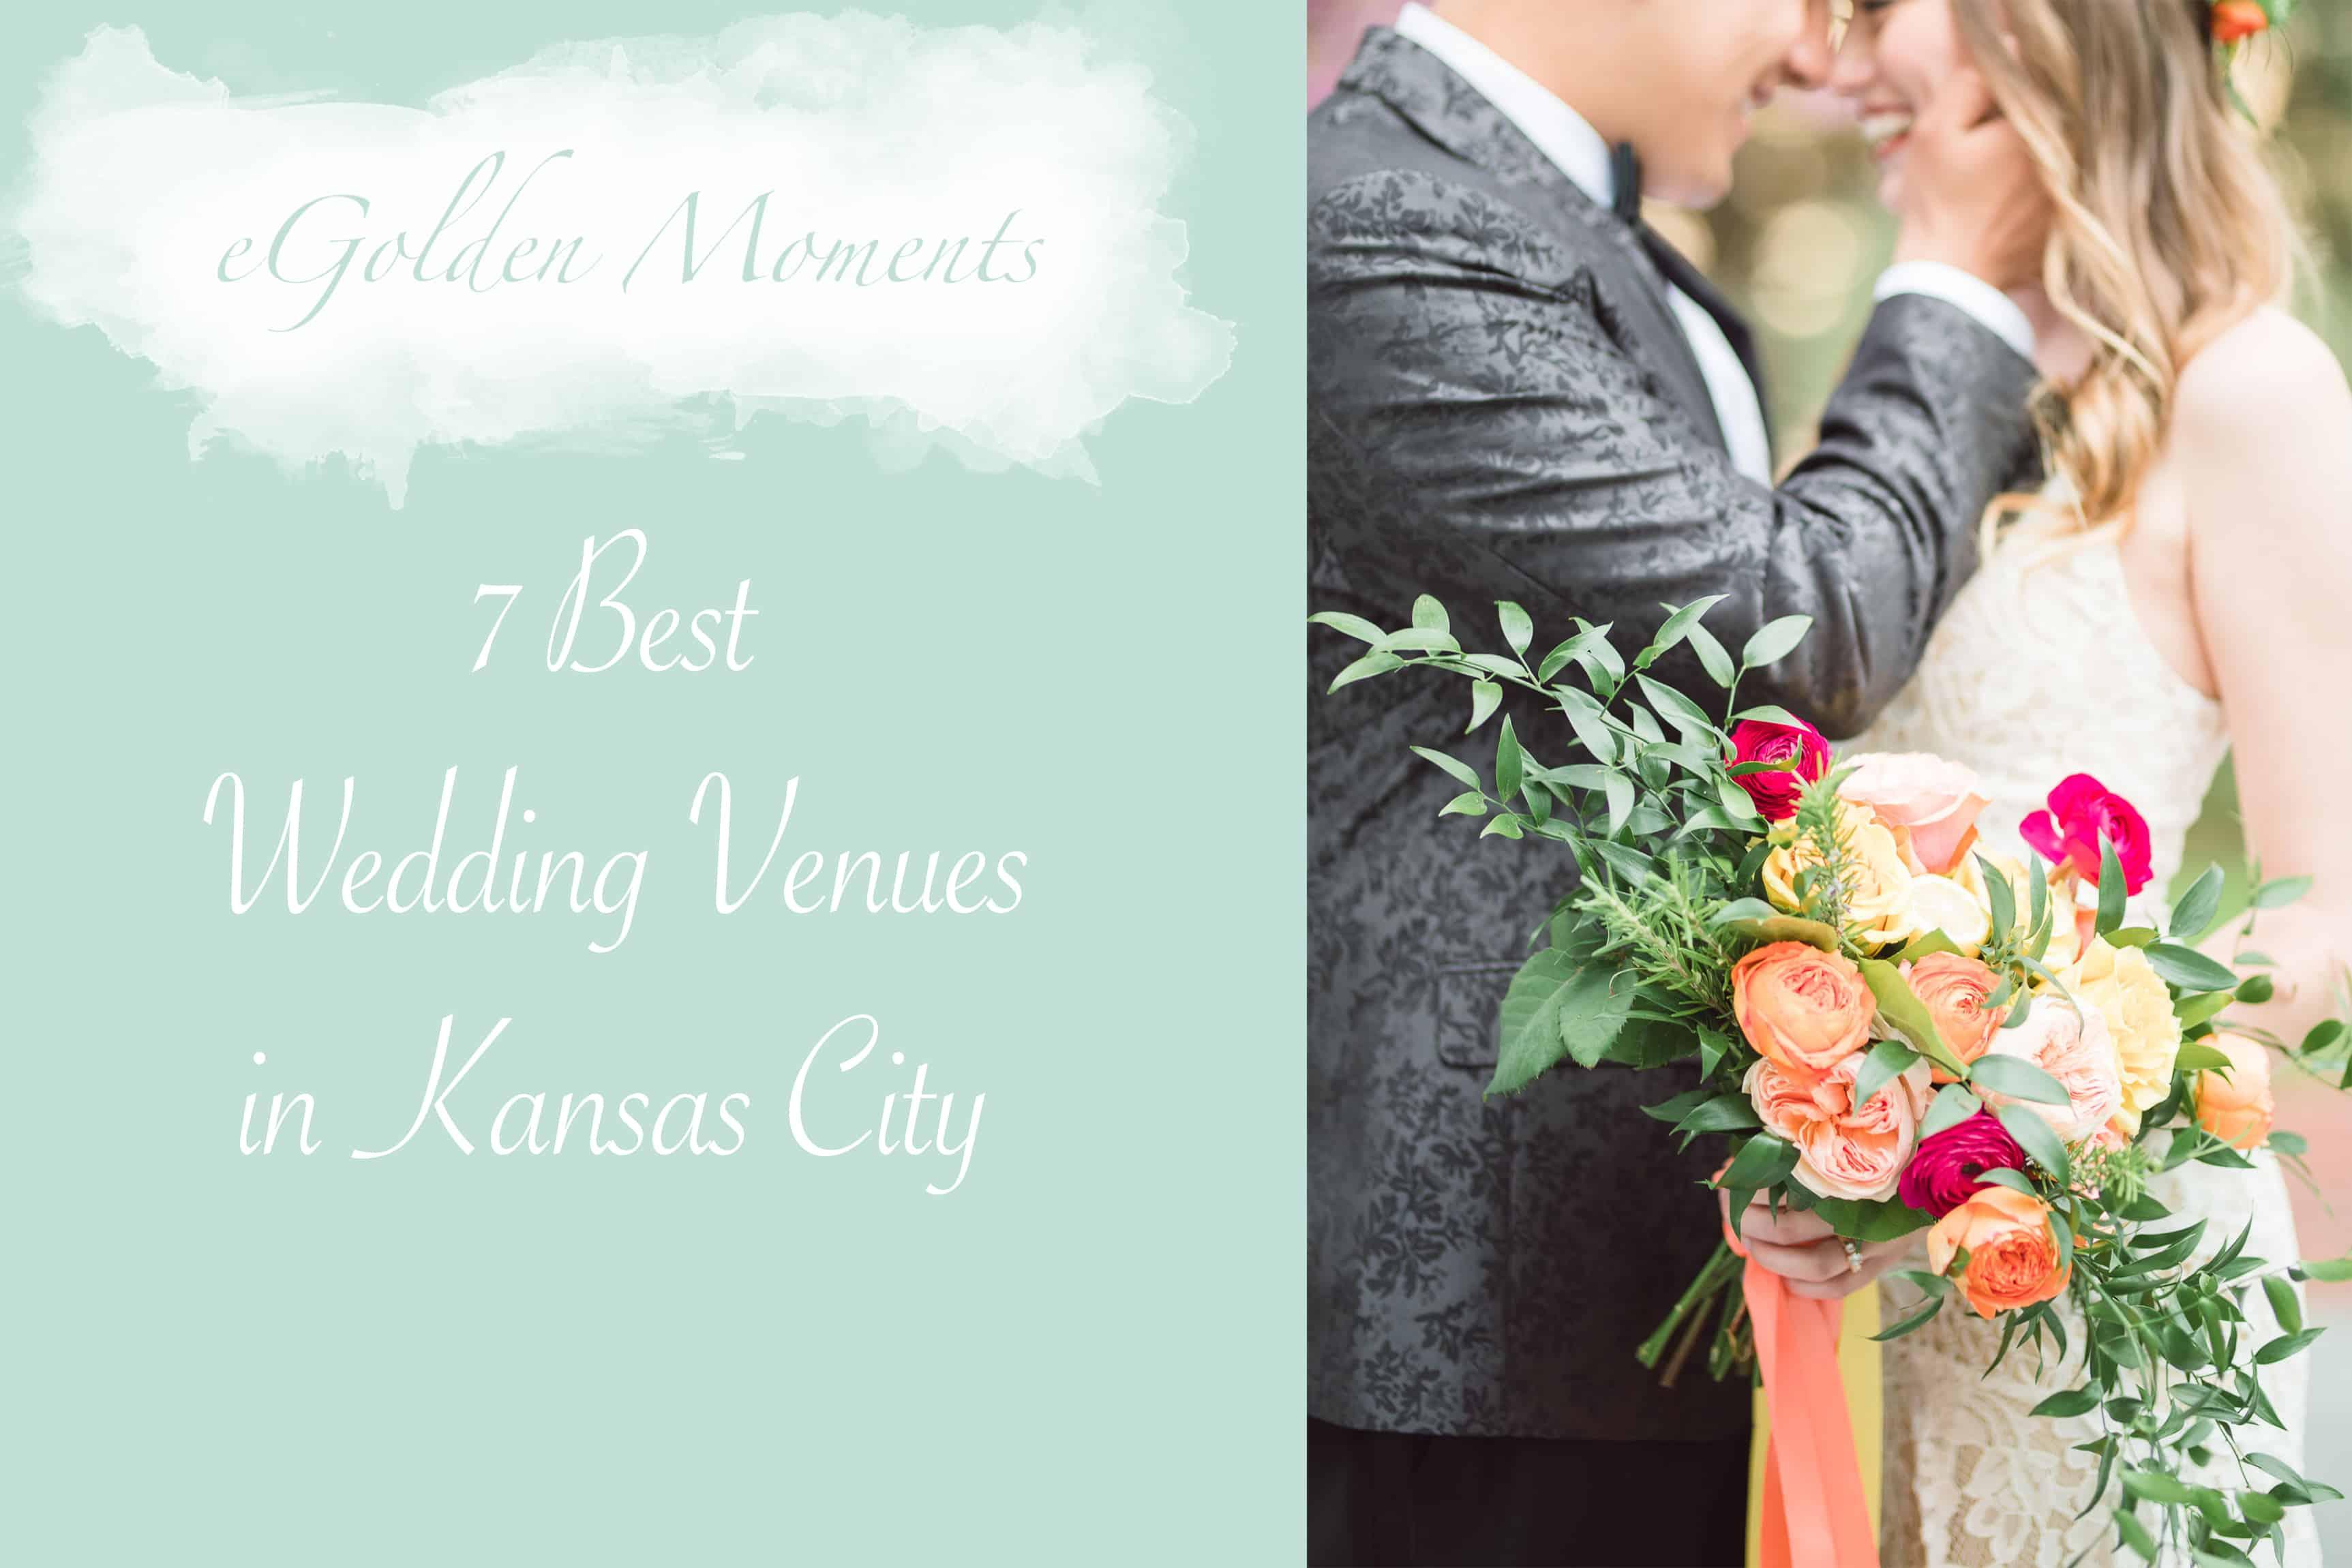 Best wedding venues in Kansas City